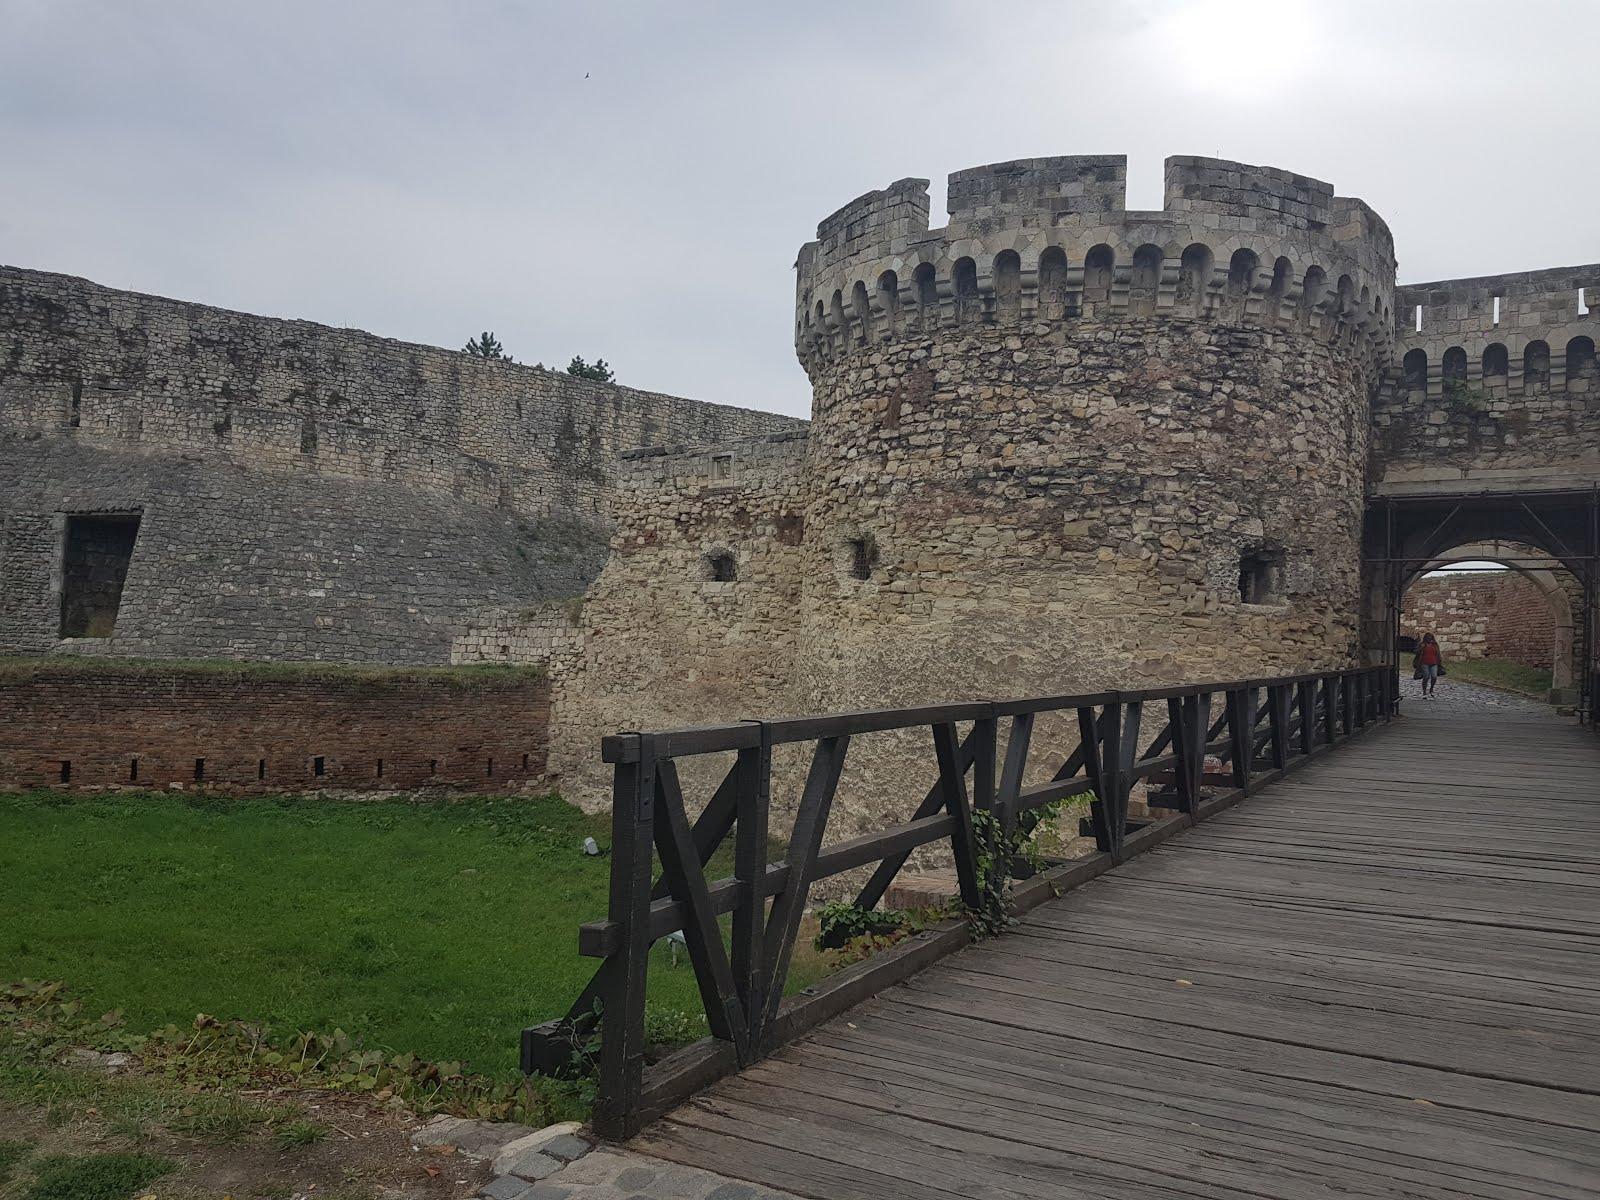 Jedna od Kalemegdanskih kapija, most i oronuli zidovi